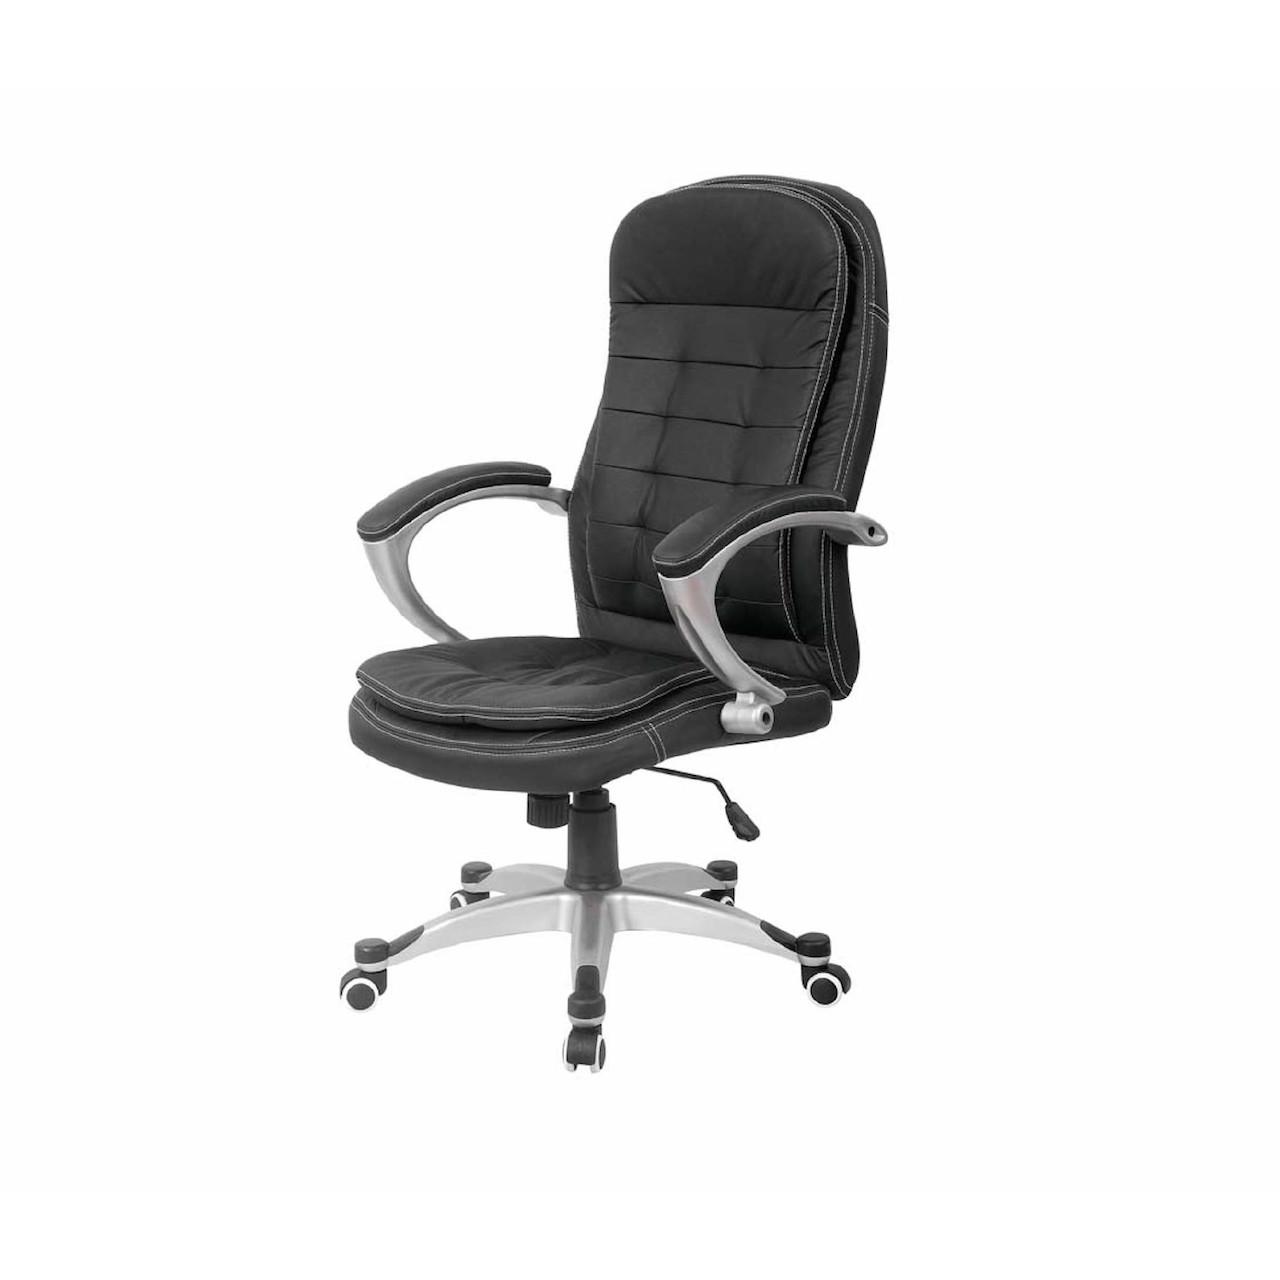 Ghế xoay văn phòng nhập khẩu DA003-U1 (ĐEN)